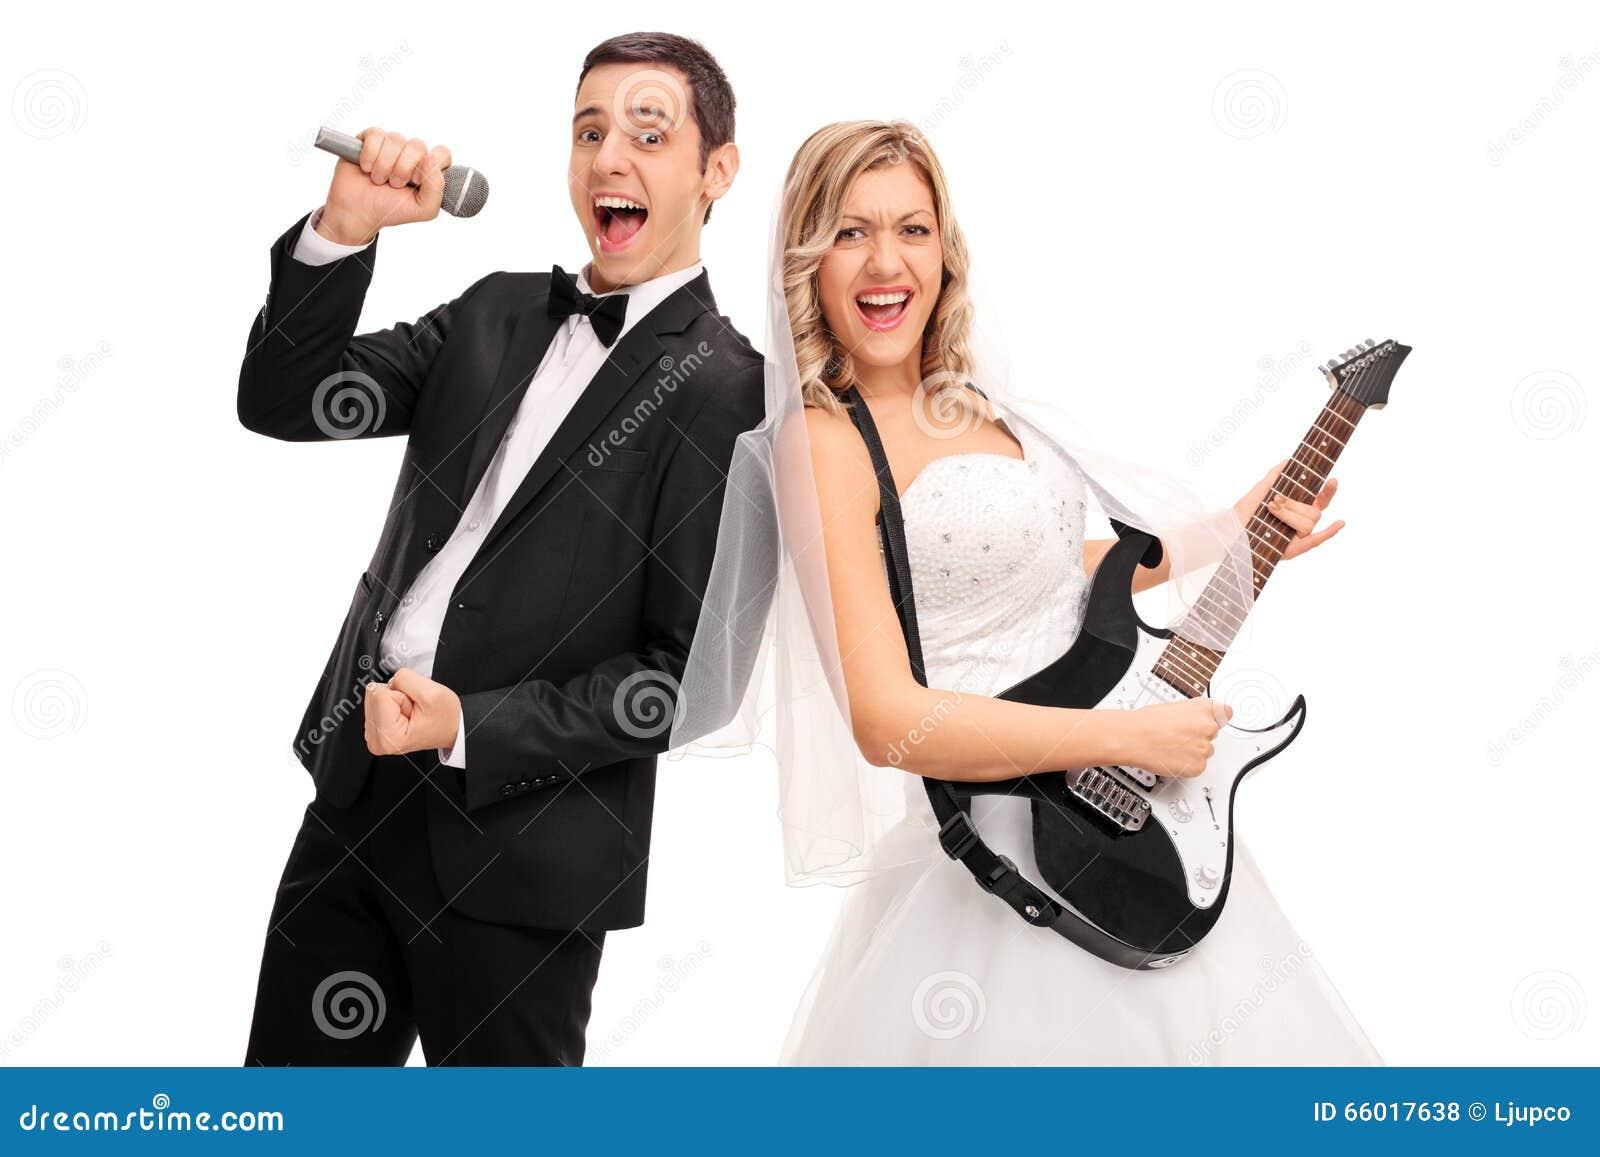 演奏吉他和新郎唱歌的新娘